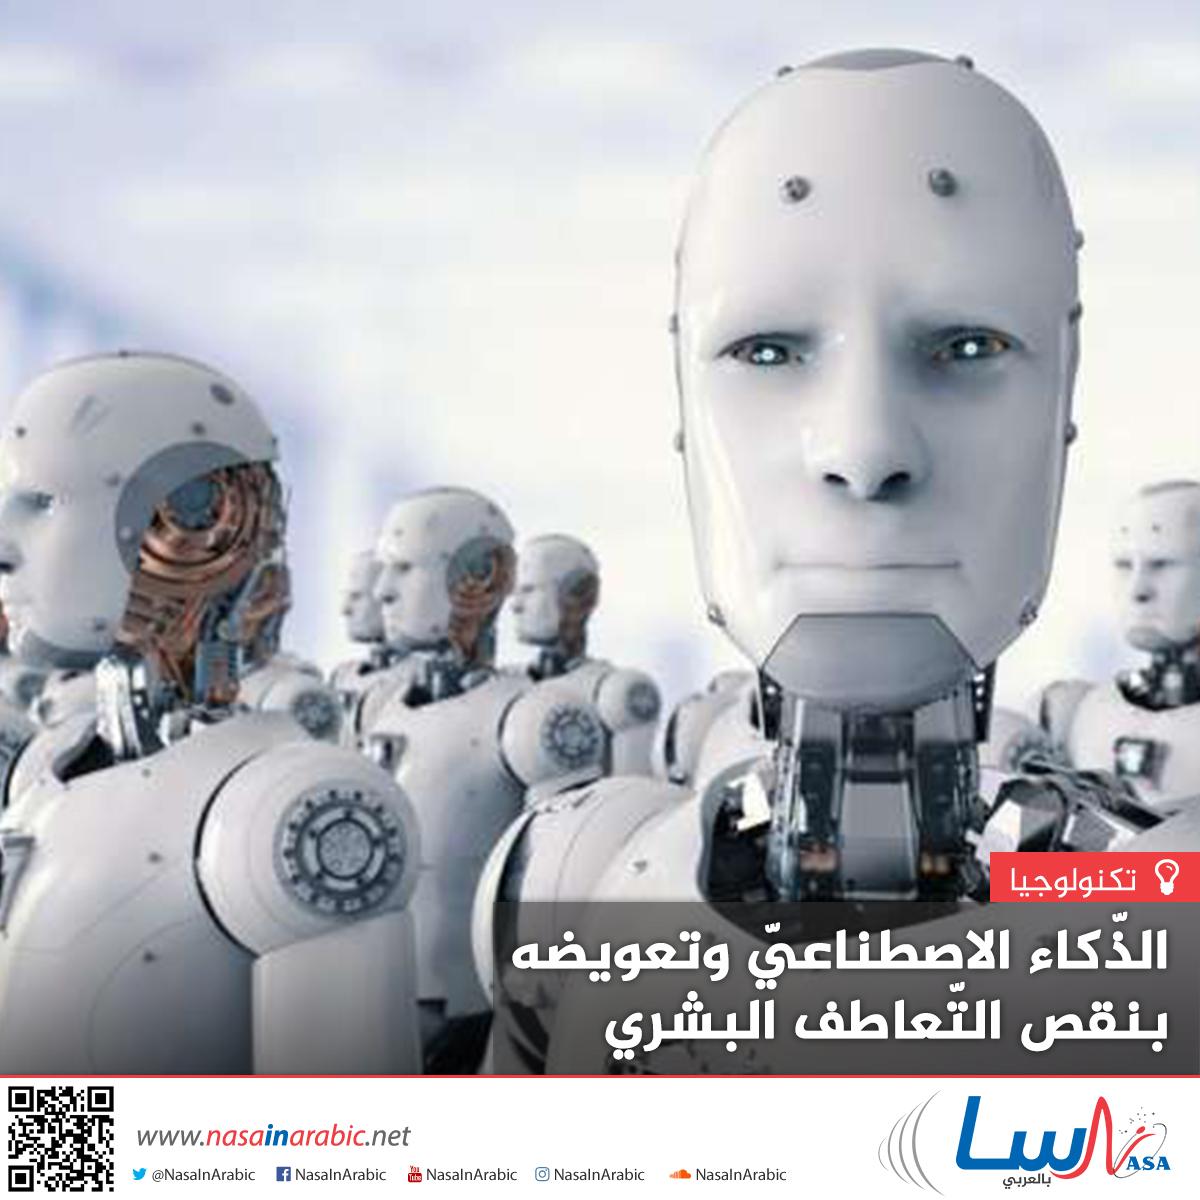 الذّكاء الاصطناعيّ وتعويضه بنقص التّعاطف البشري